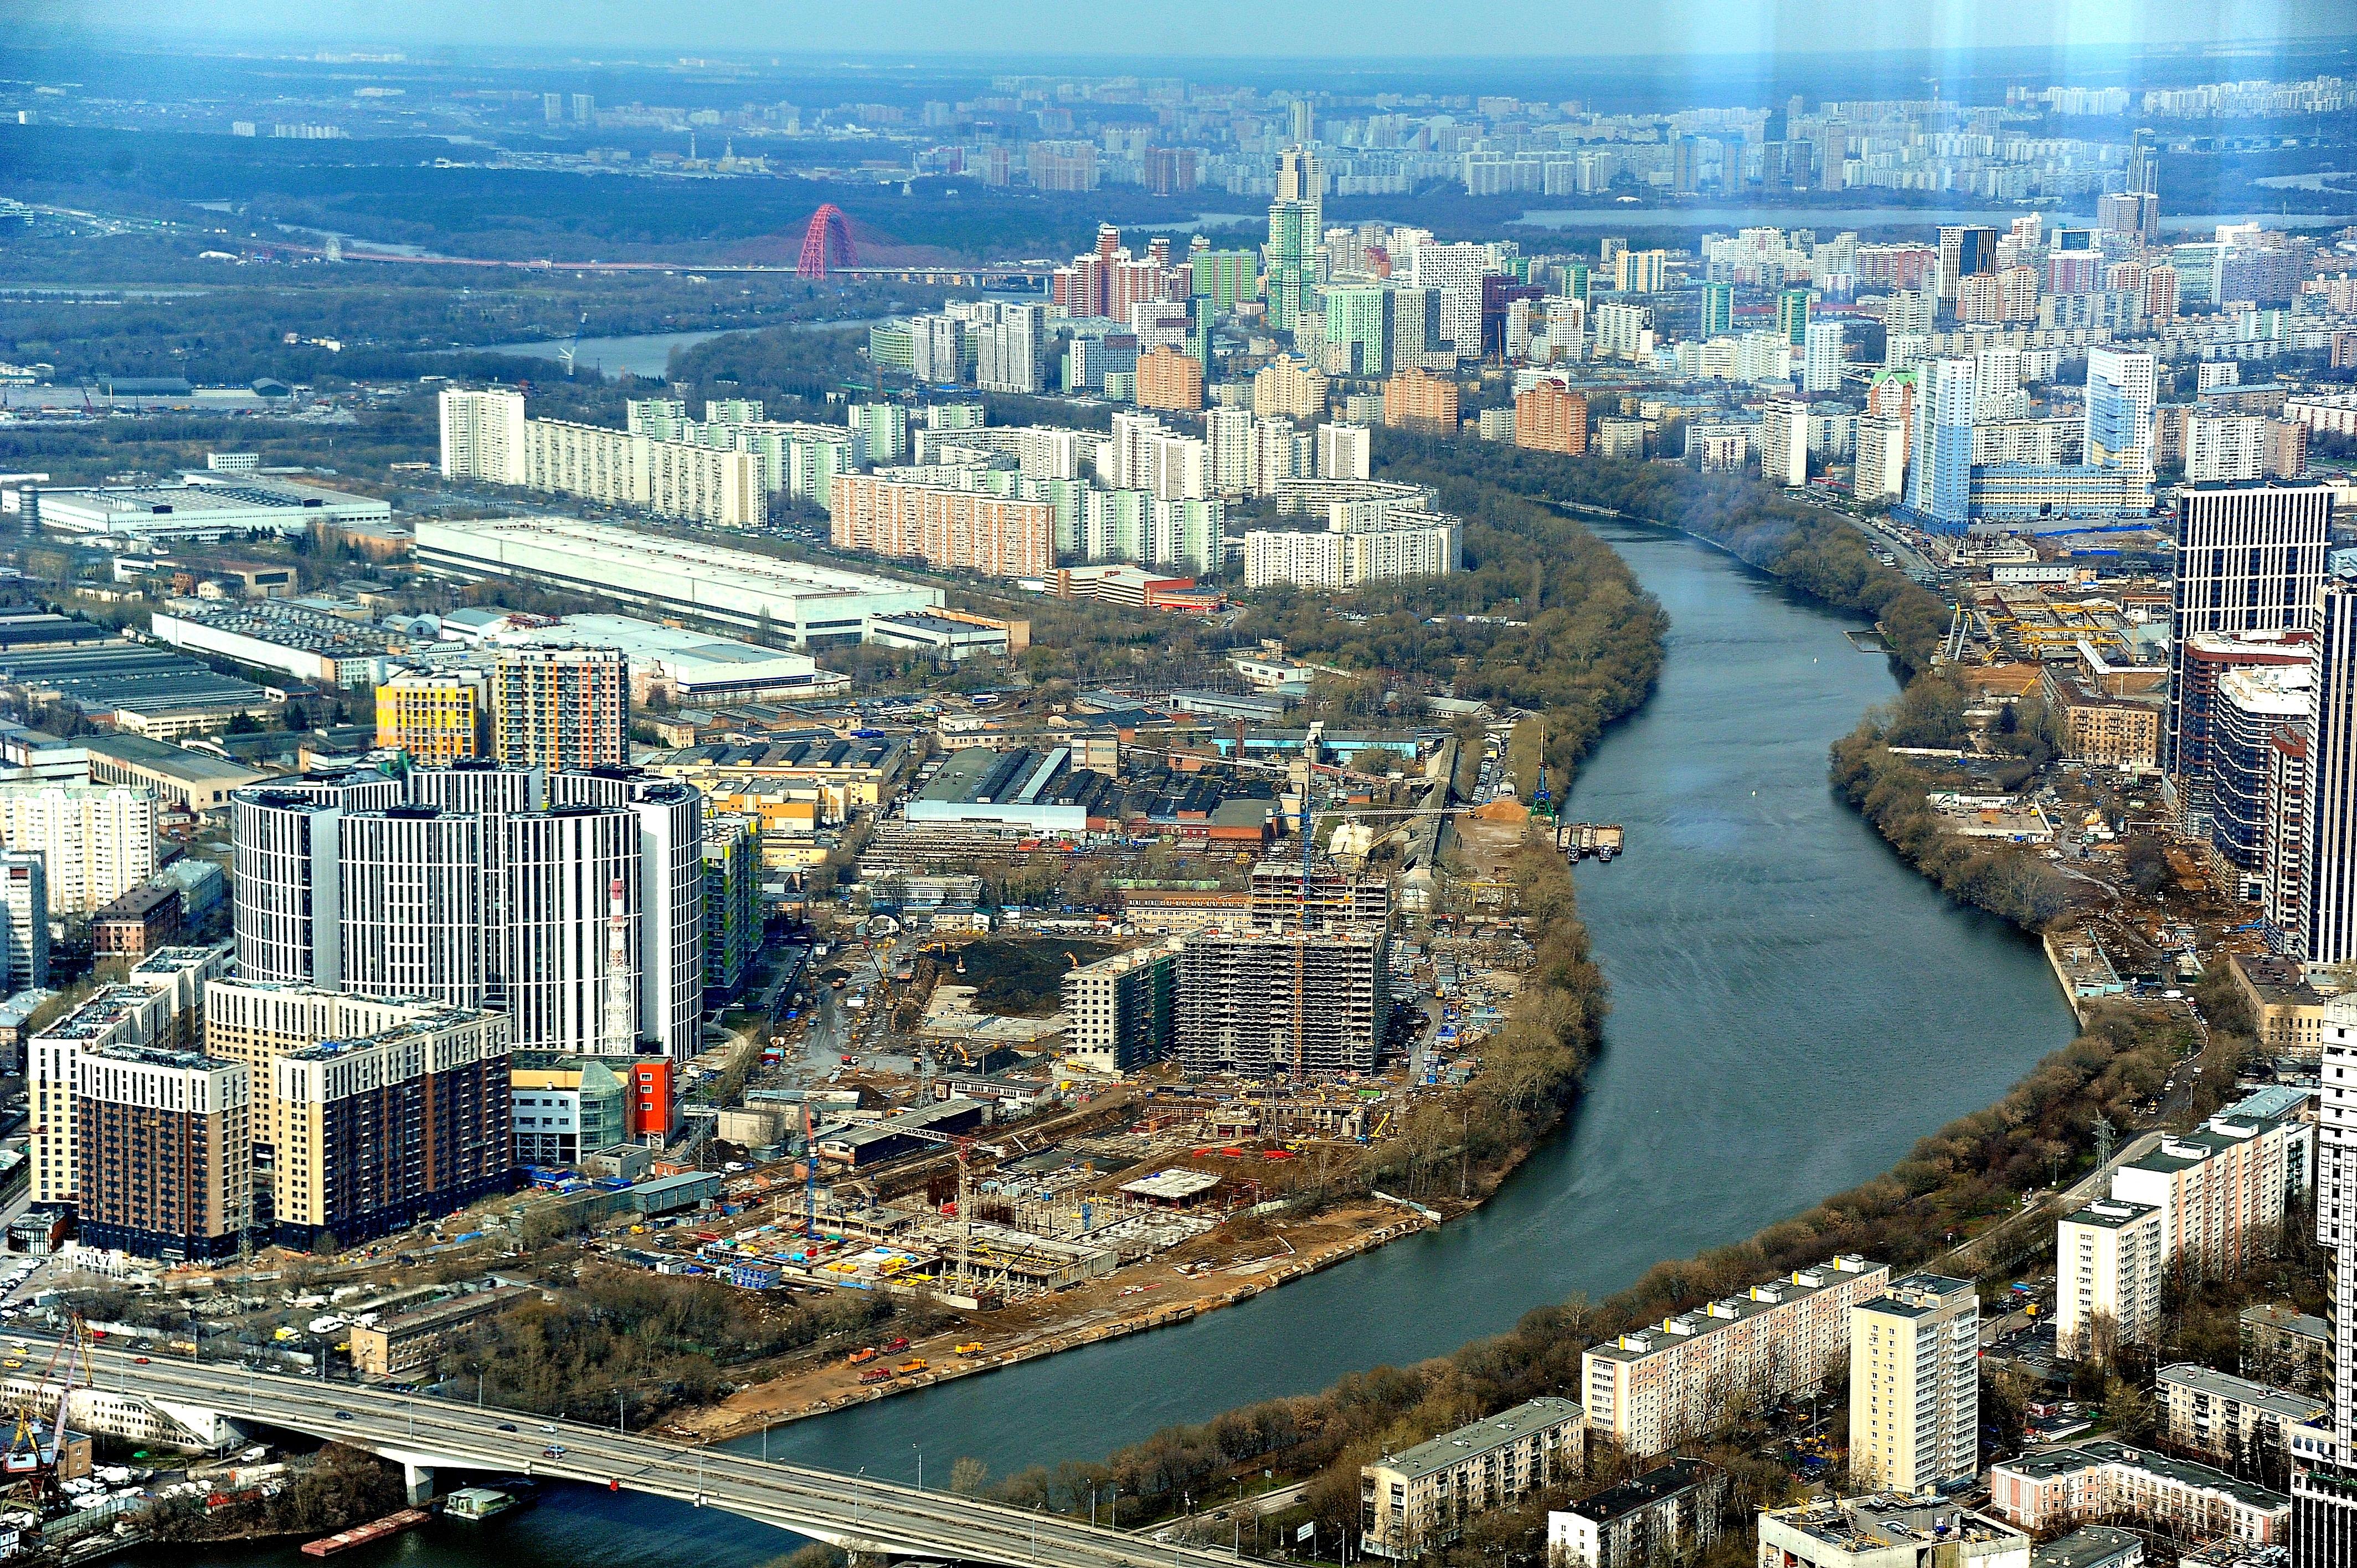 От тропинки до трассы: развитие транспортной инфраструктуры в Новой Москве набирает обороты